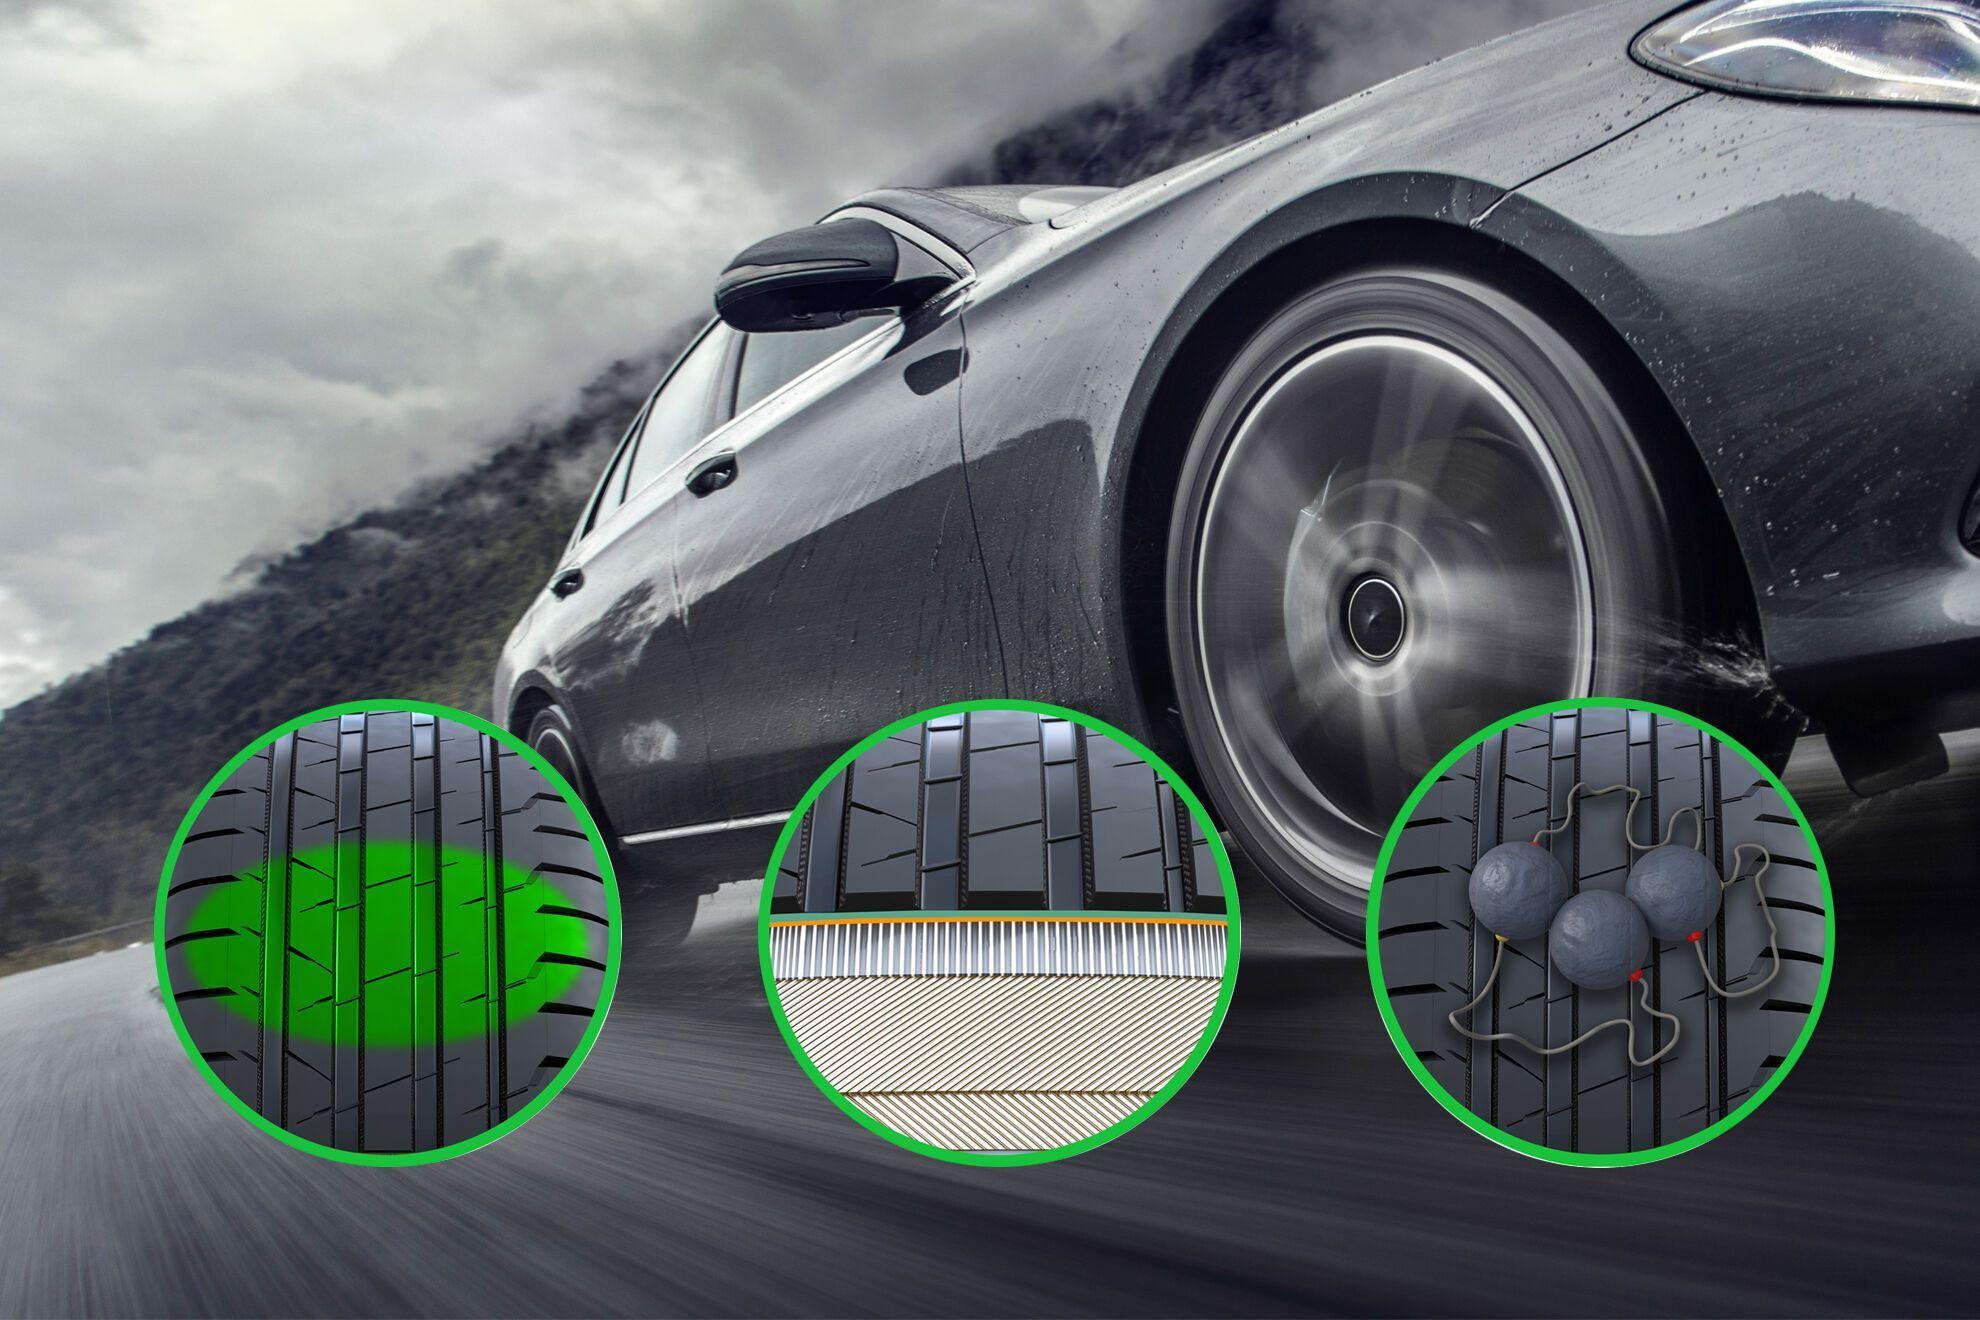 Використовувана в конструкції Nokian Hakka Black 2 технологія Dynamic Grip дозволяє шині адаптуватися до нерівностей поверхні та швидко реагувати на маневри